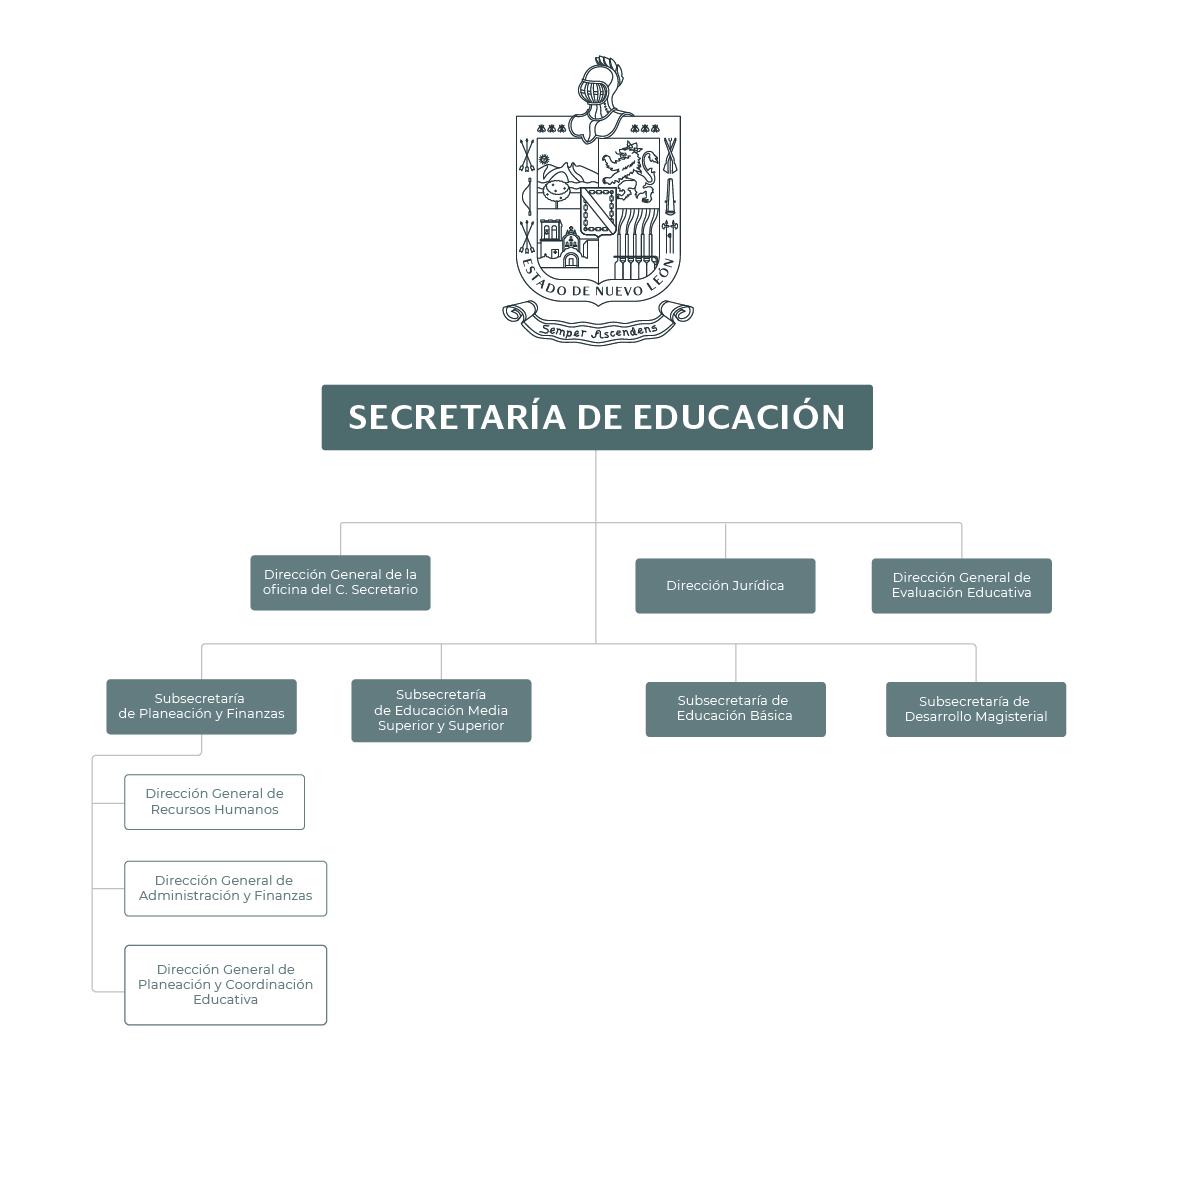 Organigrama de la Secretaría de Educación